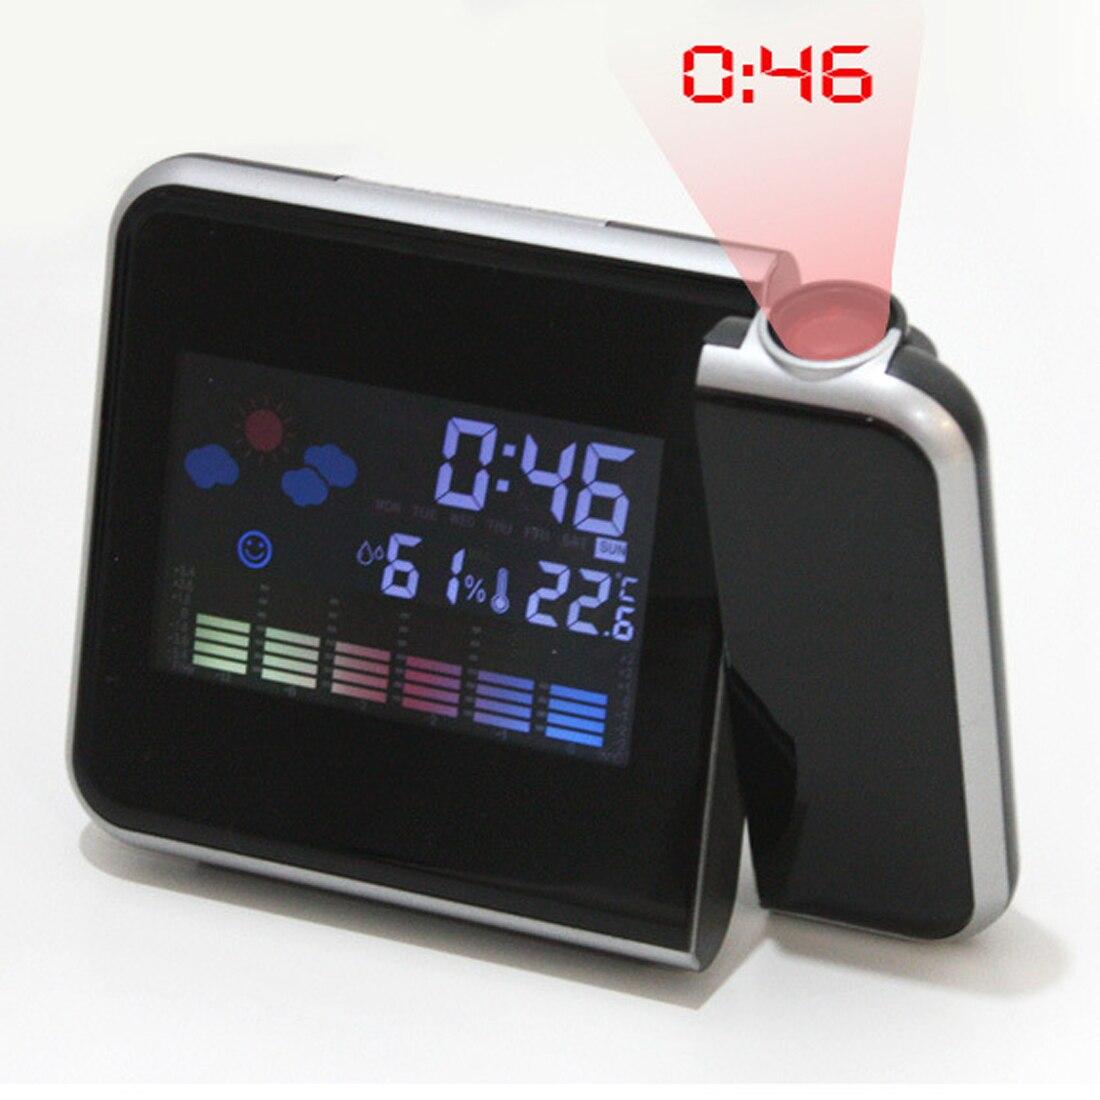 Negro proyección Digital Reloj despertador estación meteorológica con termómetro de temperatura humedad higrómetro/noche despierta para proyector